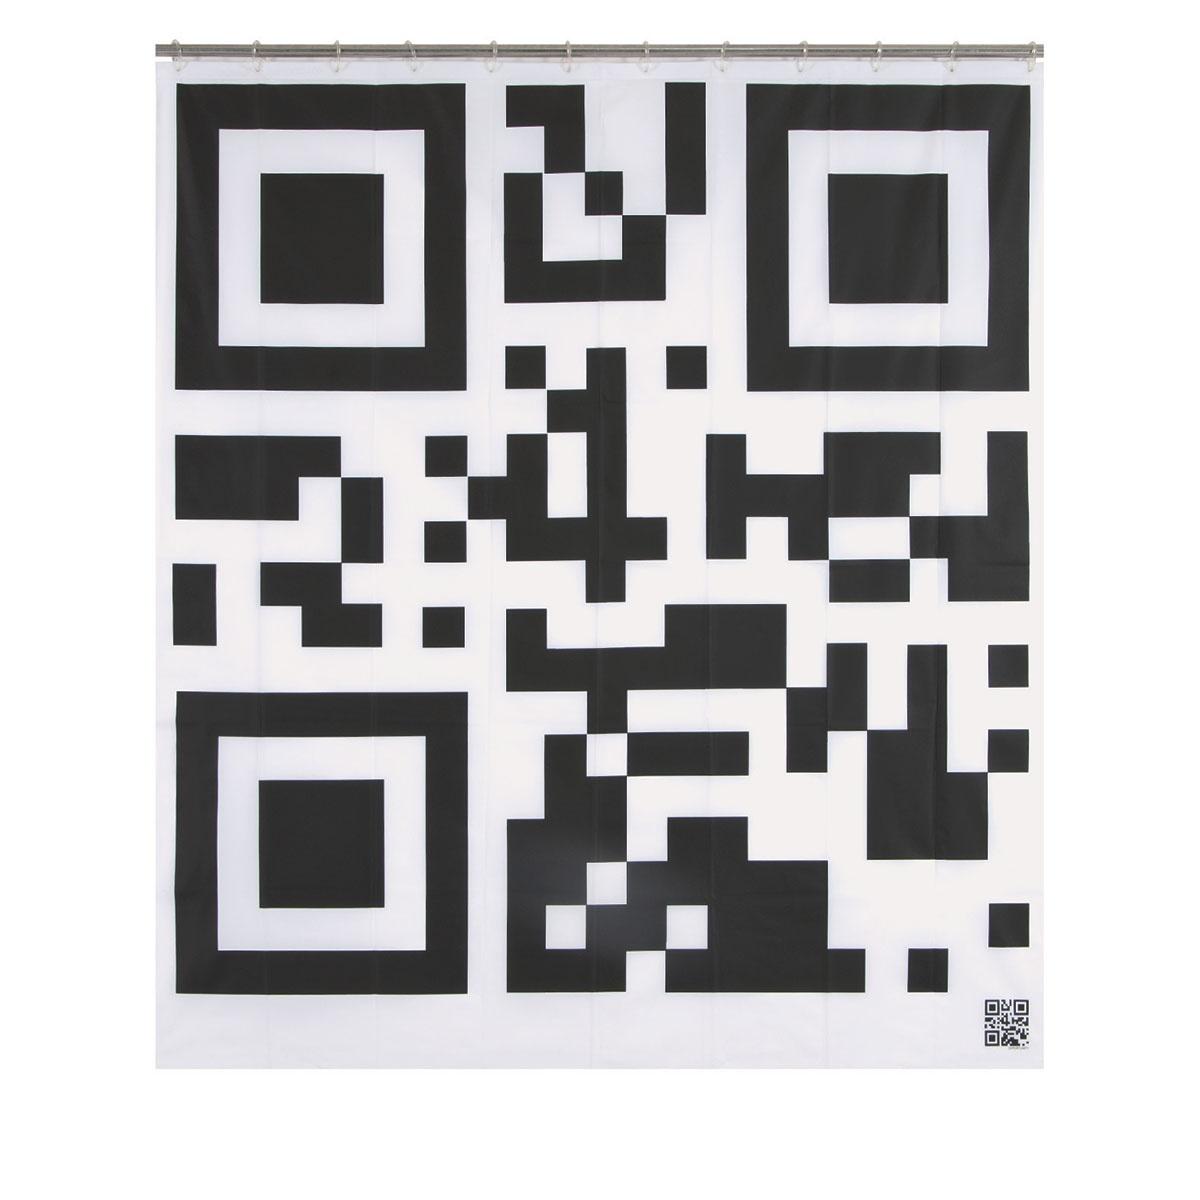 Rideau de douche imprimé flash code (Noir / Blanc)